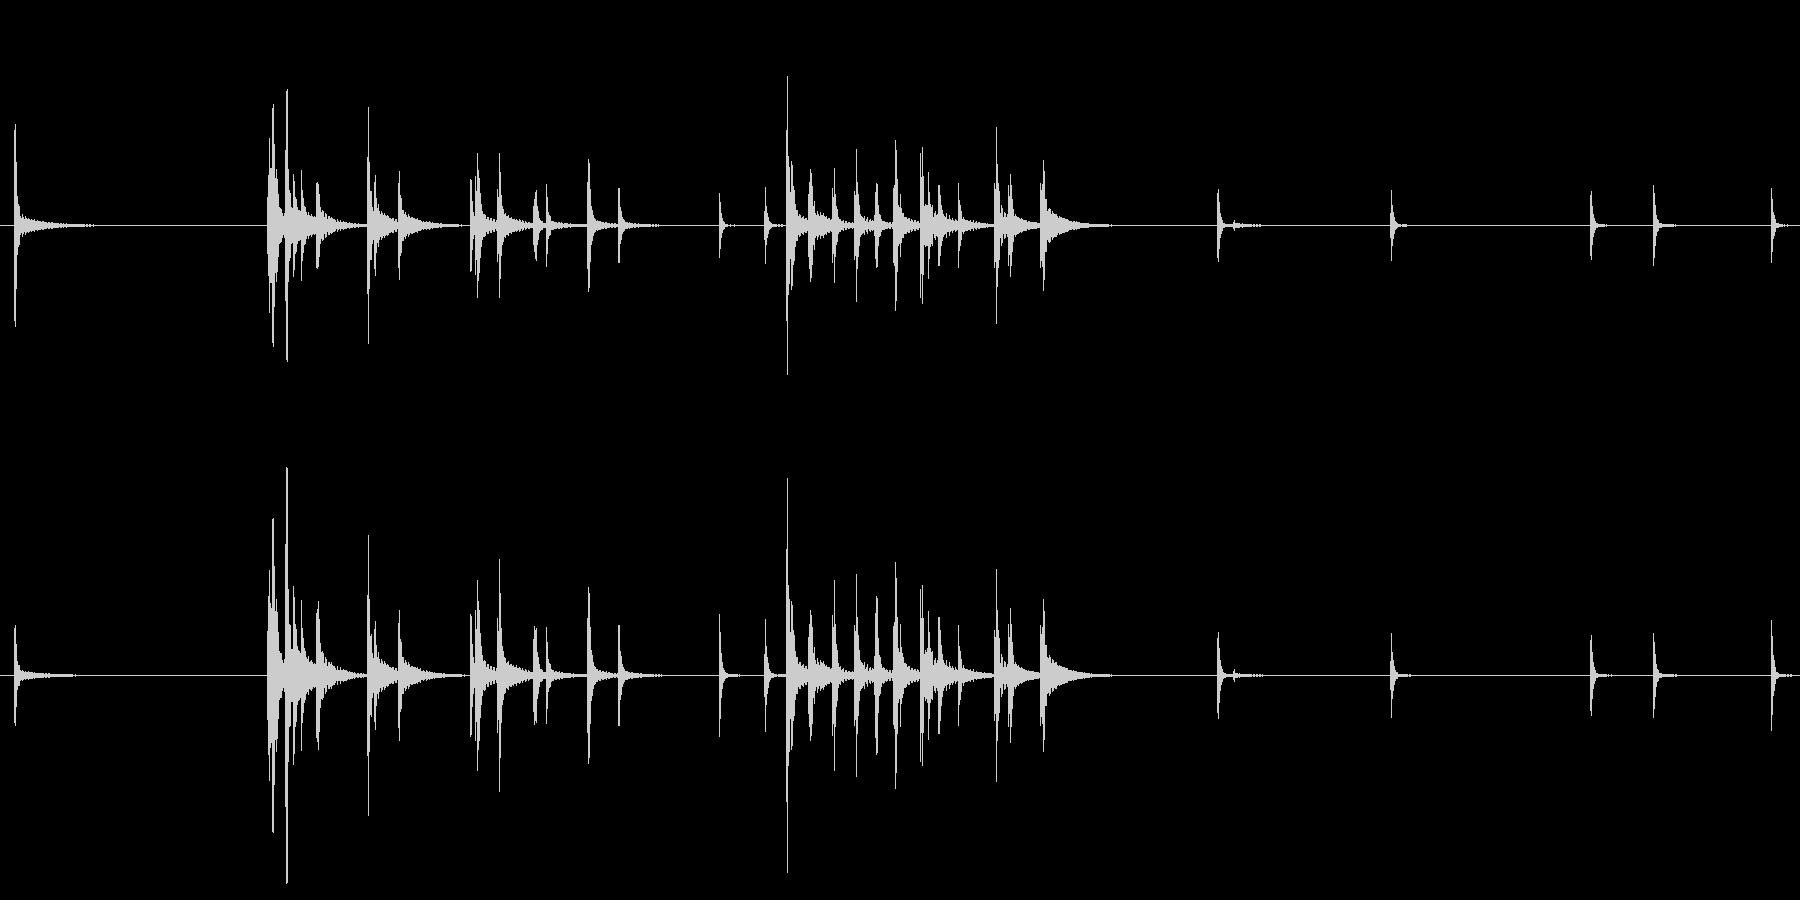 カラカラカラ 鳴子の罠に引っかかった時…の未再生の波形